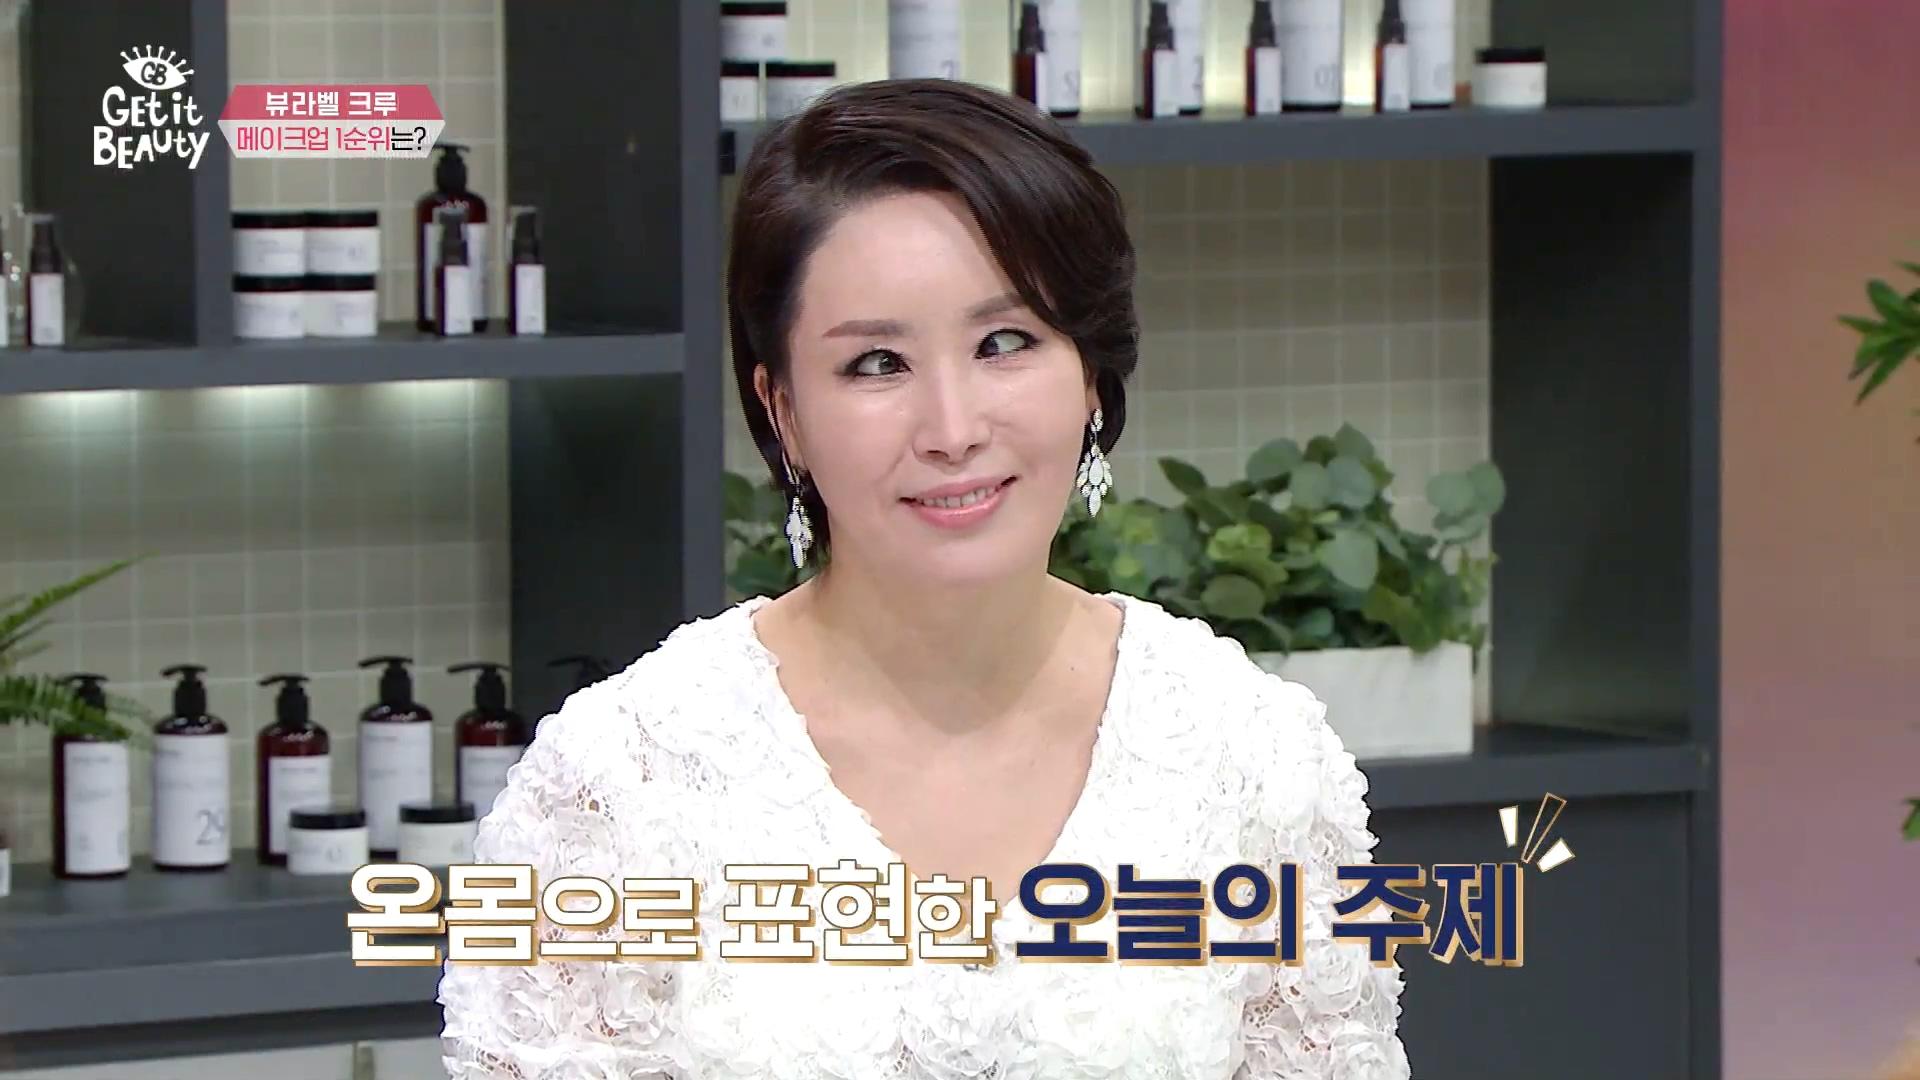 팬더 눈은 이제 안녕~뷰라벨 아이라이너 특집!